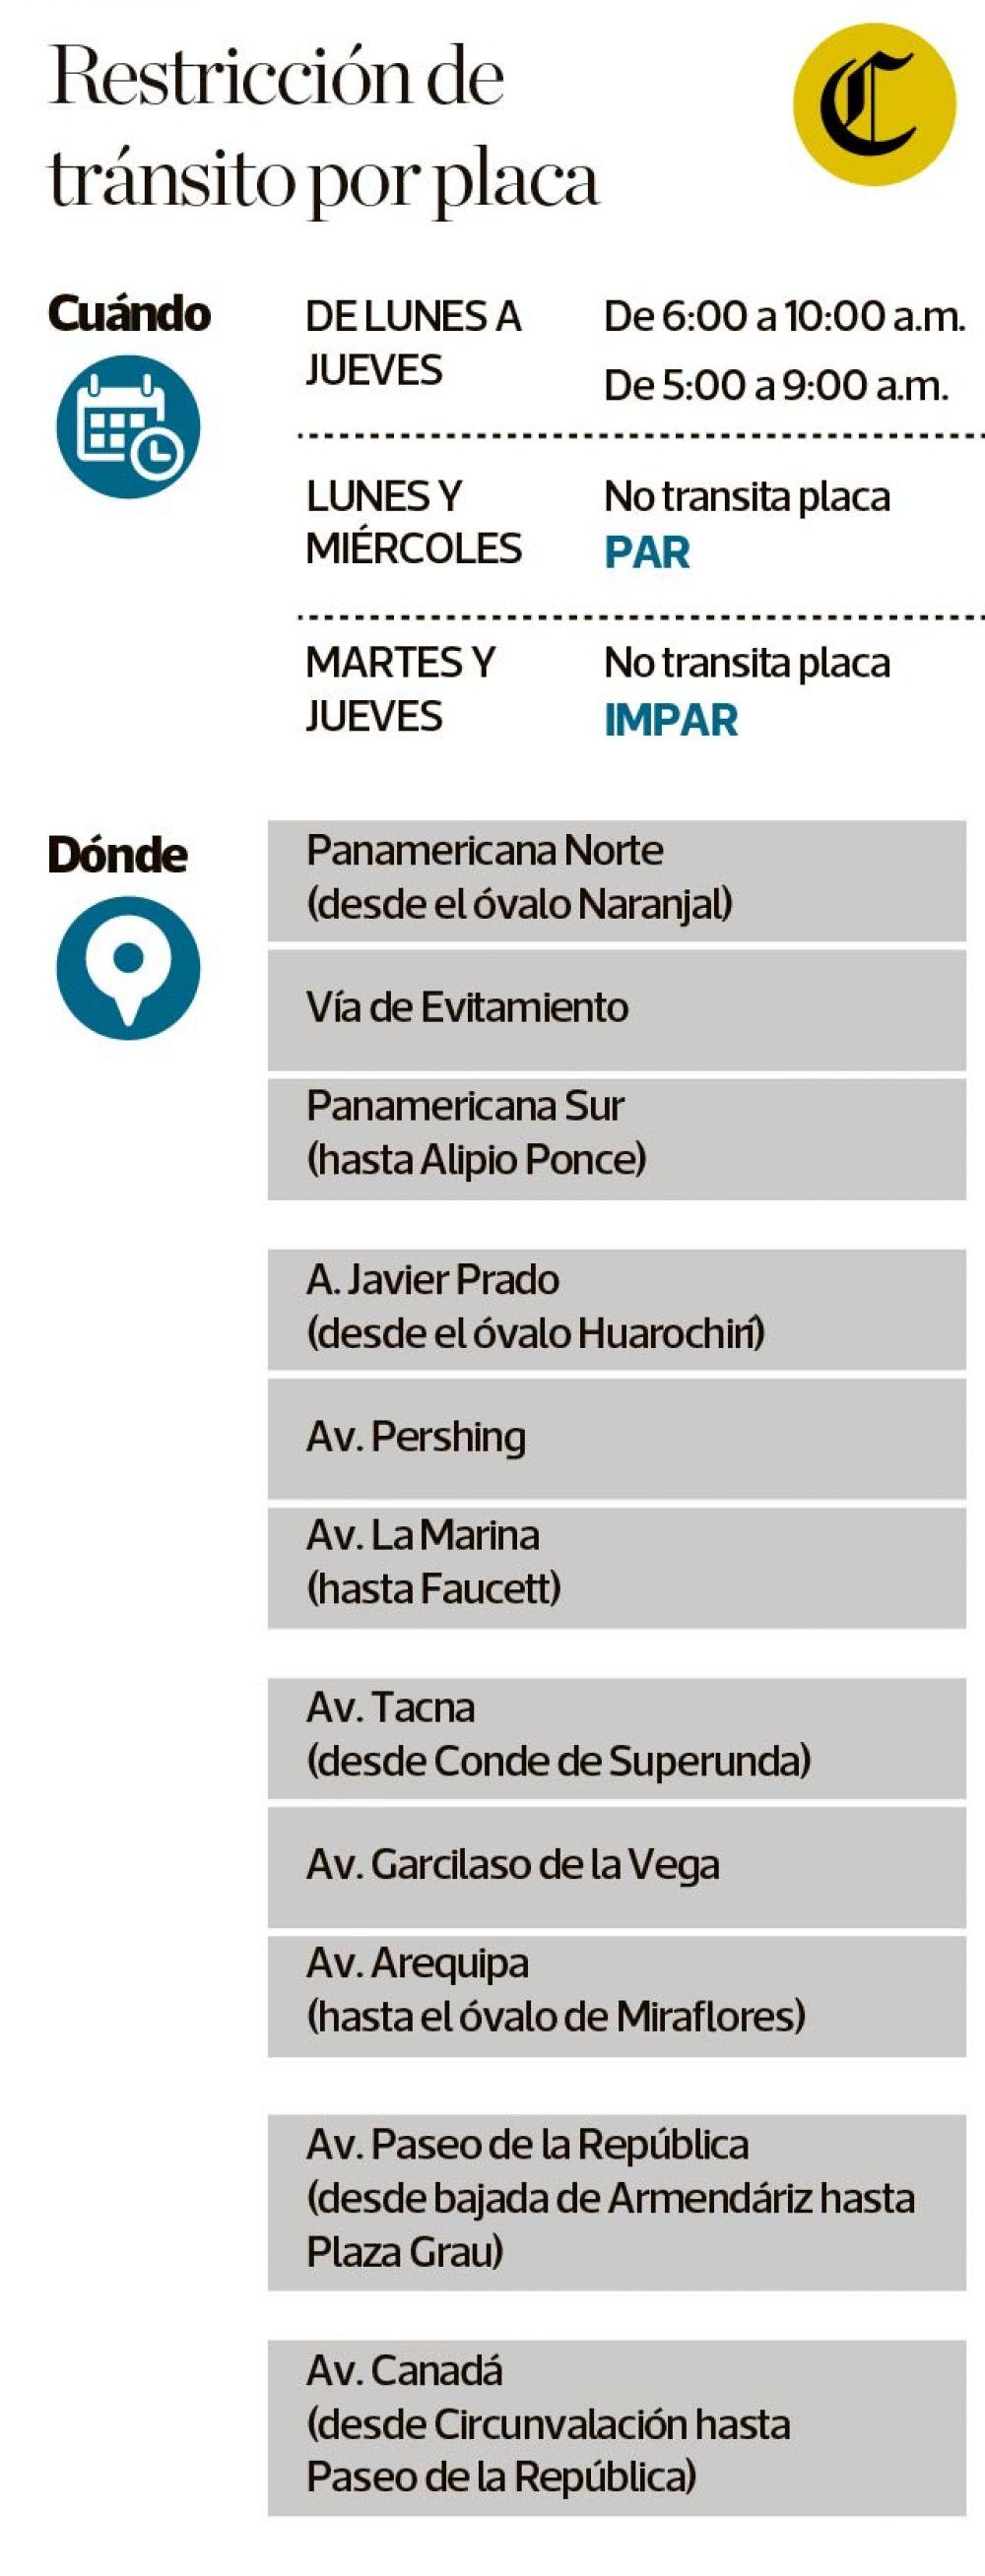 (Raúl Rodríguez / El Comercio)